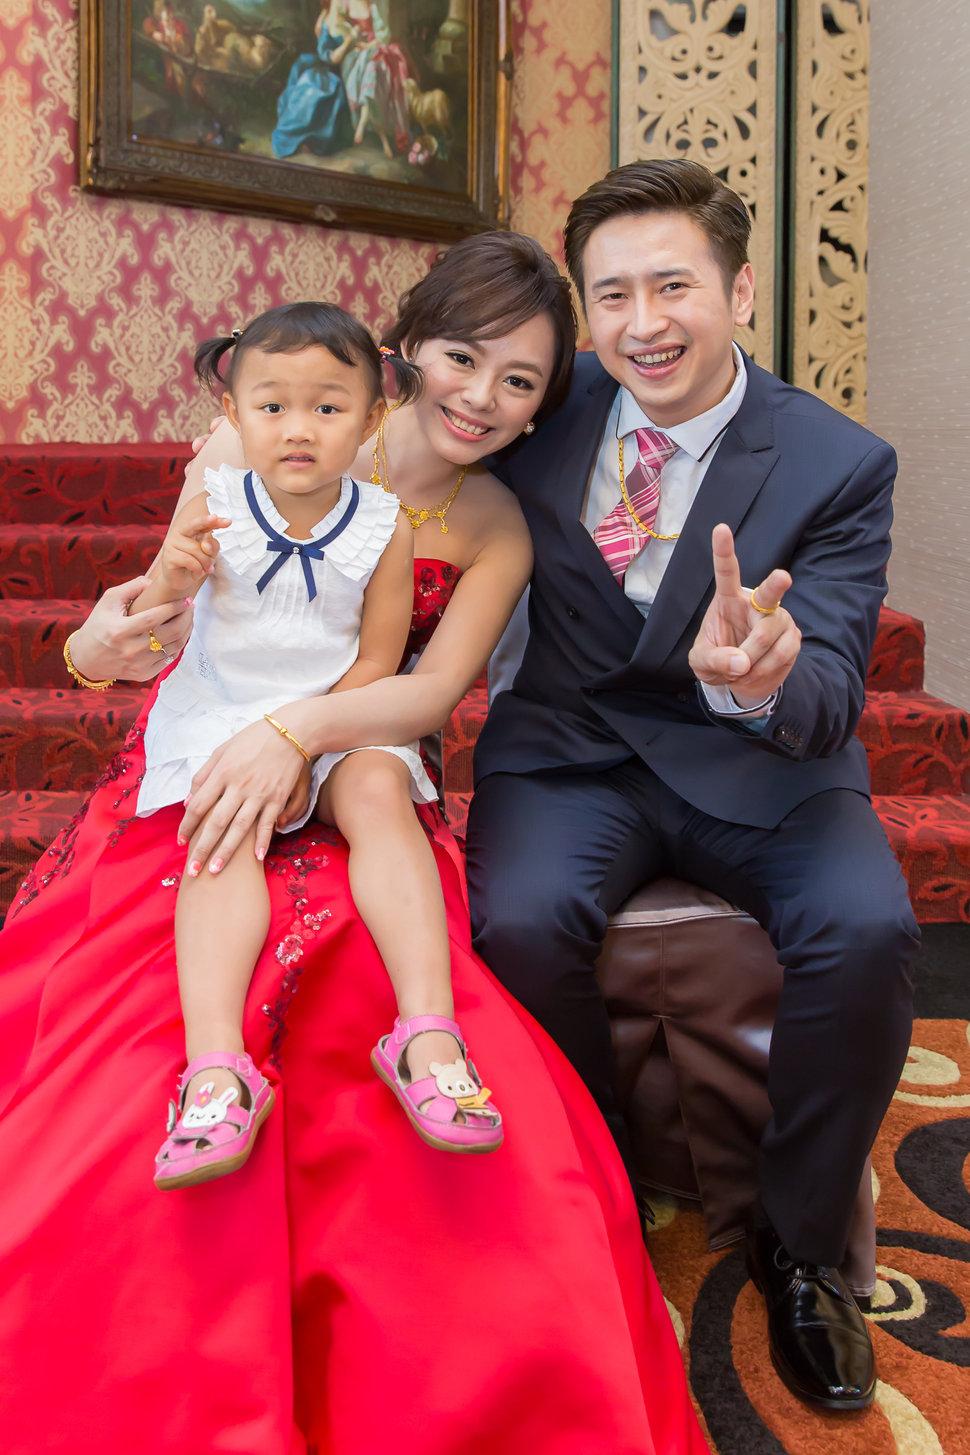 志平&宜柔_文定_南投寶旺萊6號花園酒店(編號:289143) - Baby Sweety Studio - 結婚吧一站式婚禮服務平台